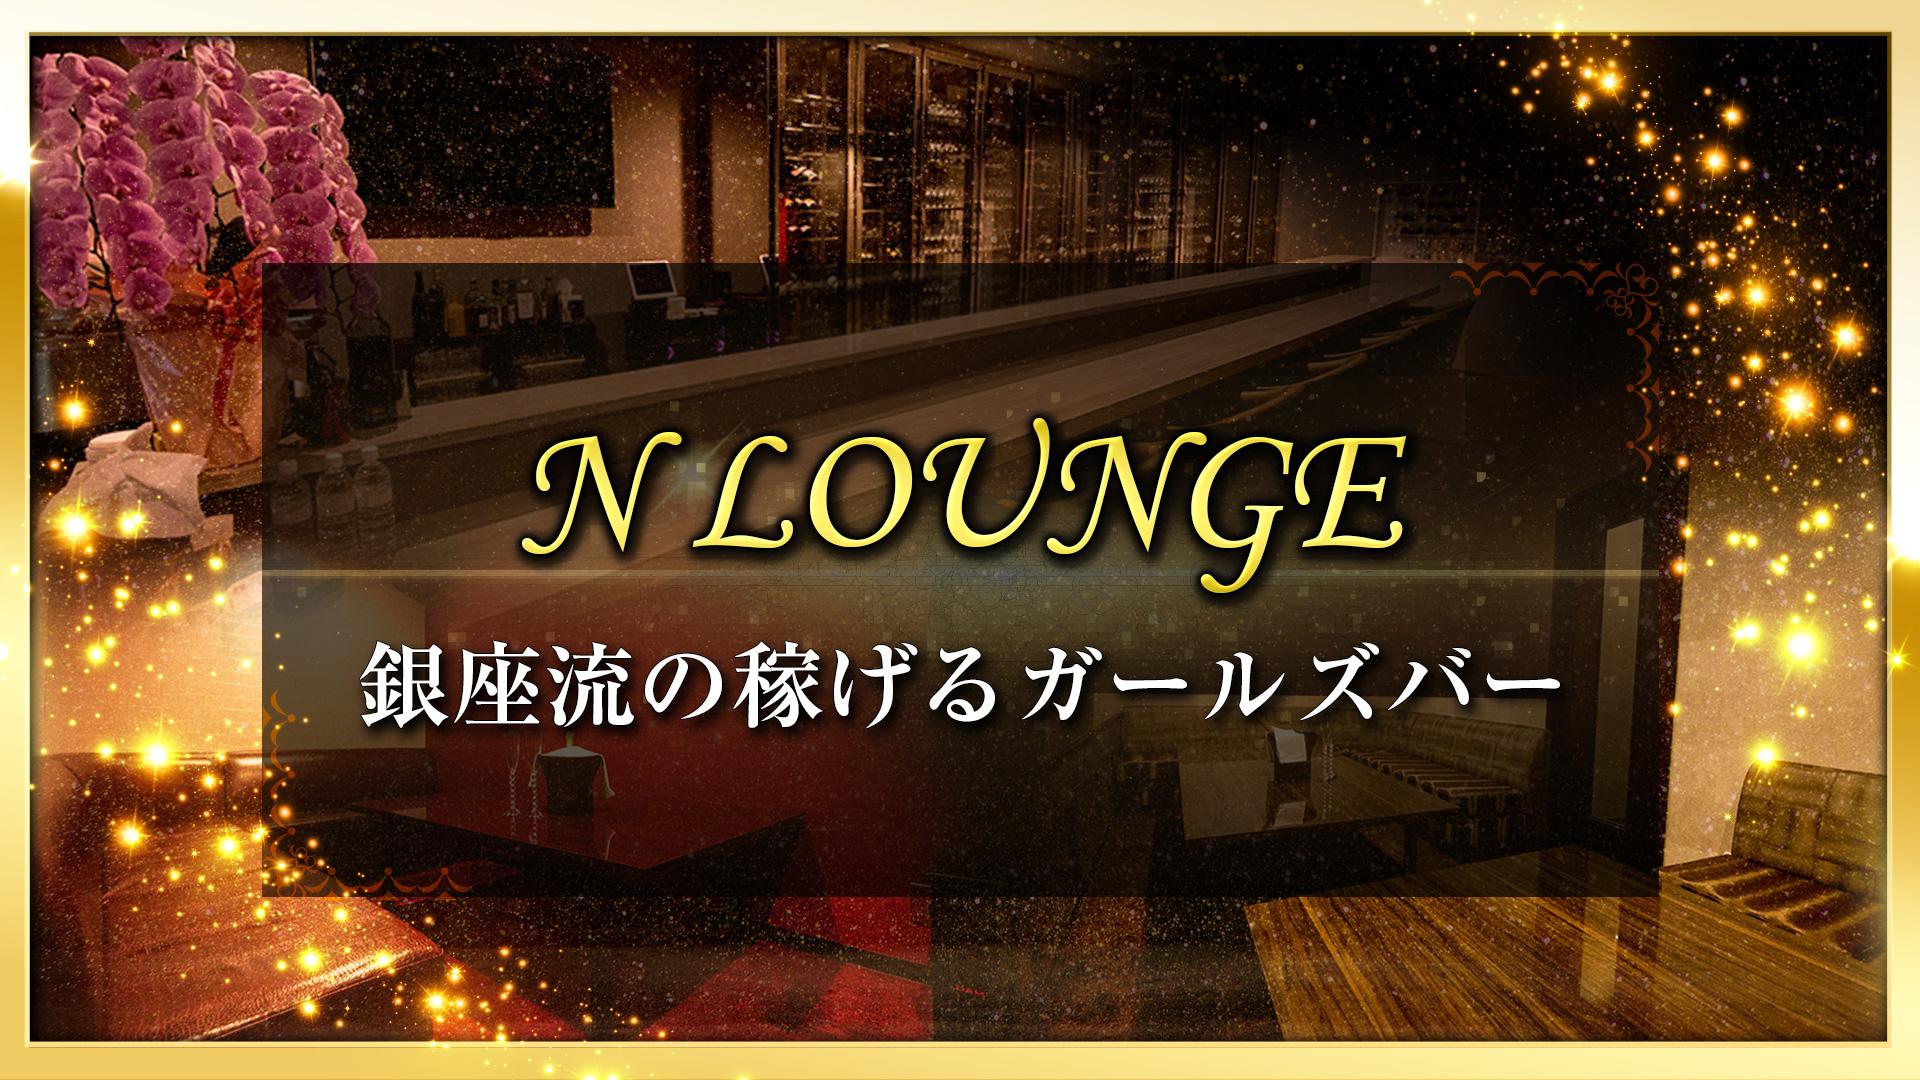 club N 銀座 キャバクラ TOP画像